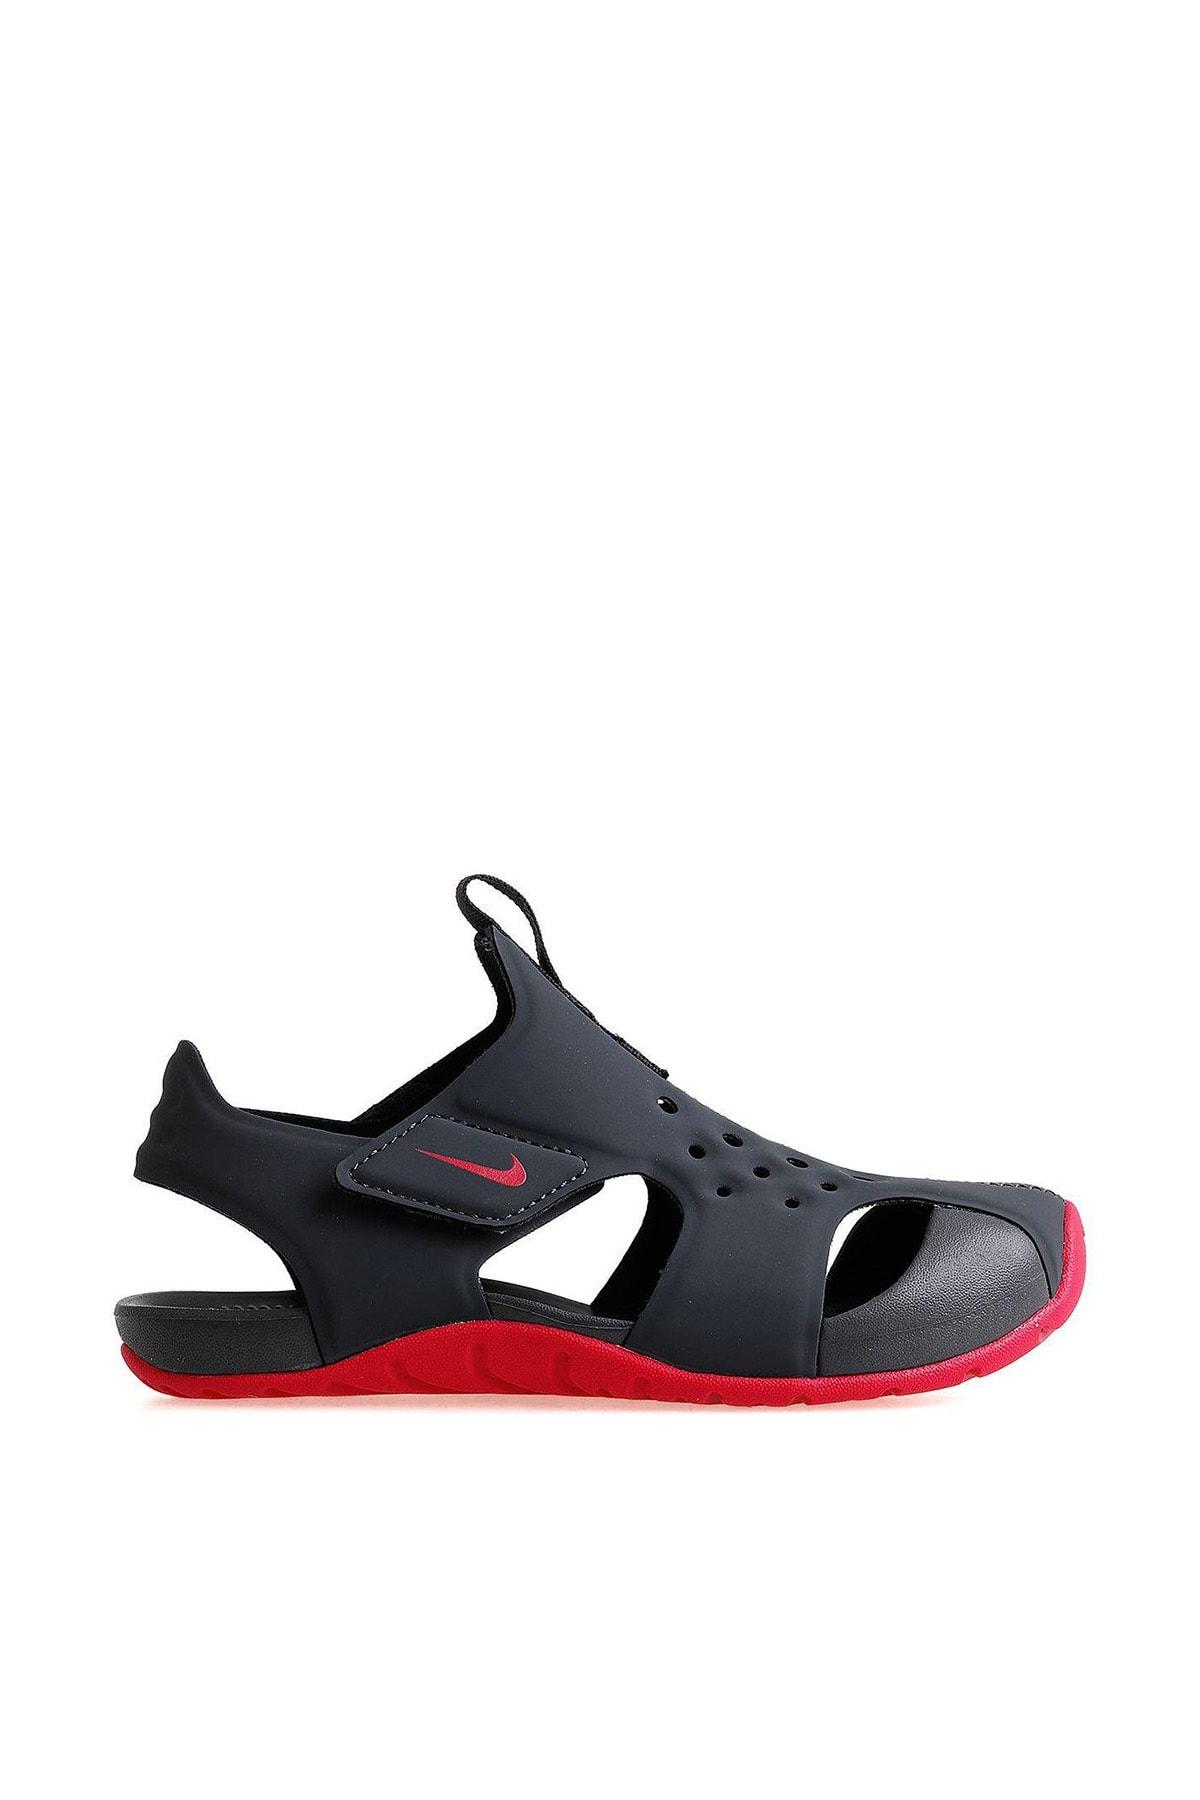 Nike Kids 943828-001 Sunray Protect 2 Havuz Deniz Çocuk Sandalet